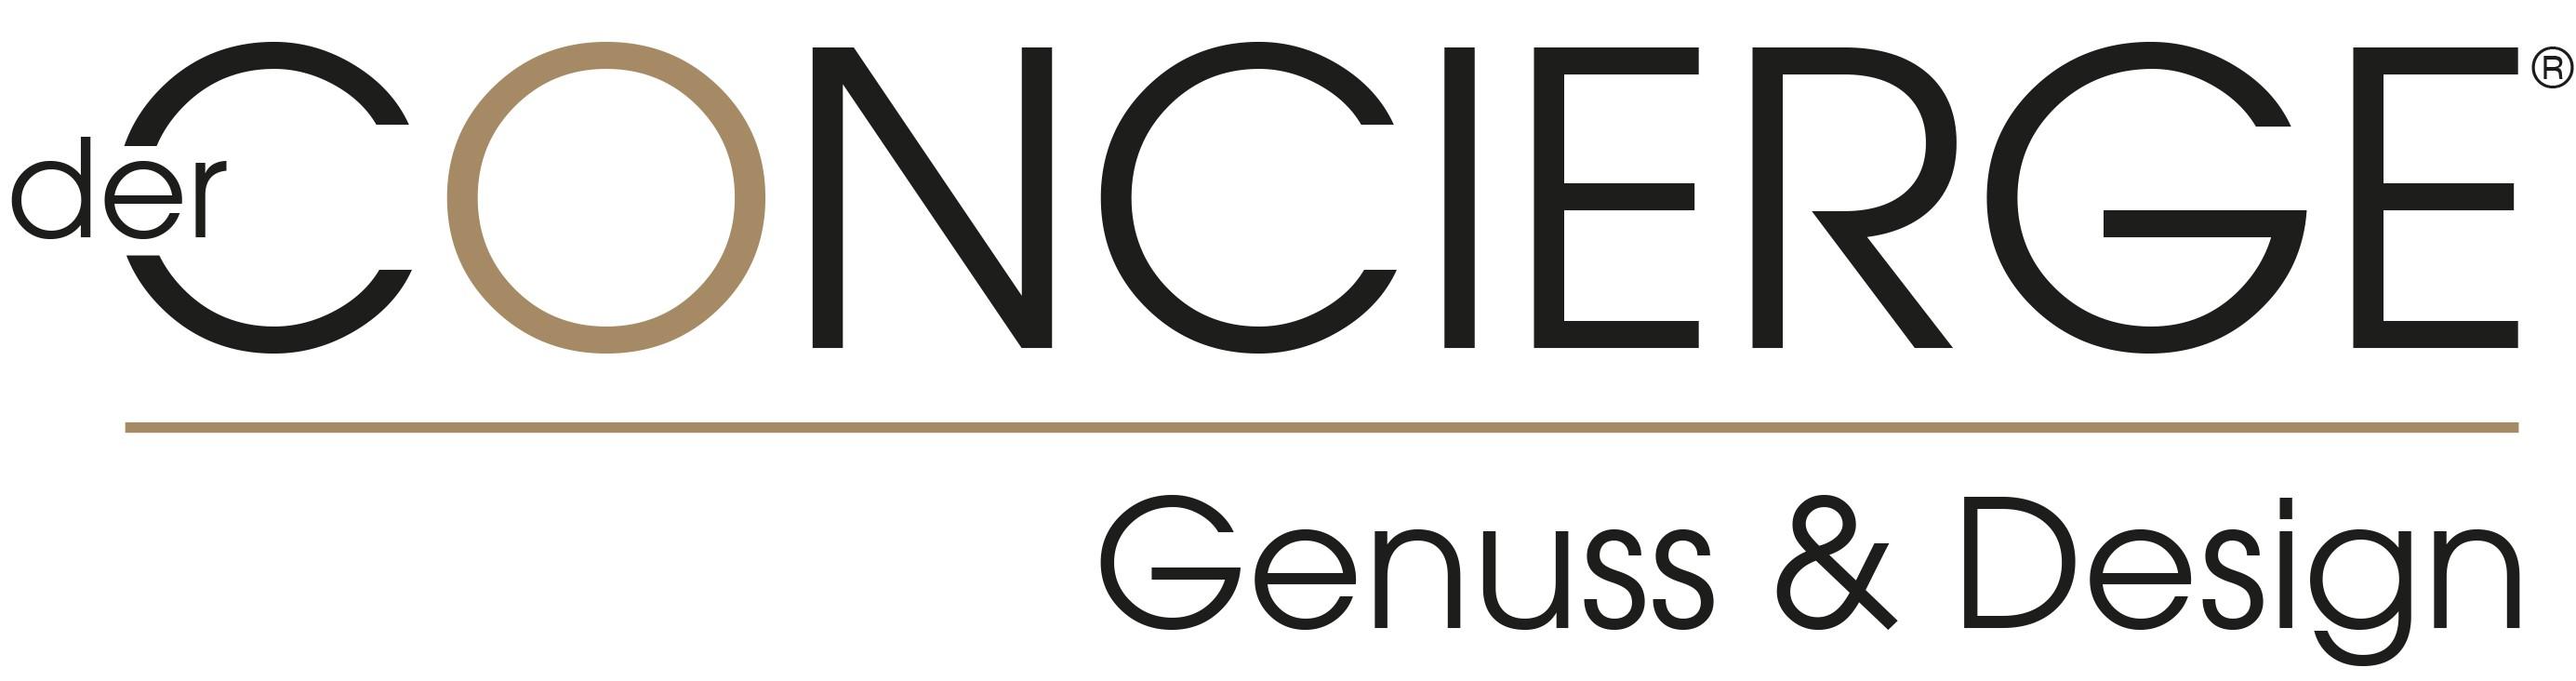 der Concierge – Genuss & Design   Exklusive Kaffeeautomaten   Sie wollen Ihre Geschäftspartner beim nächsten Meeting überraschen? Tun Sie das mit individuellen Möbeln und der anspruchsvollen Technik von Gaggenau!